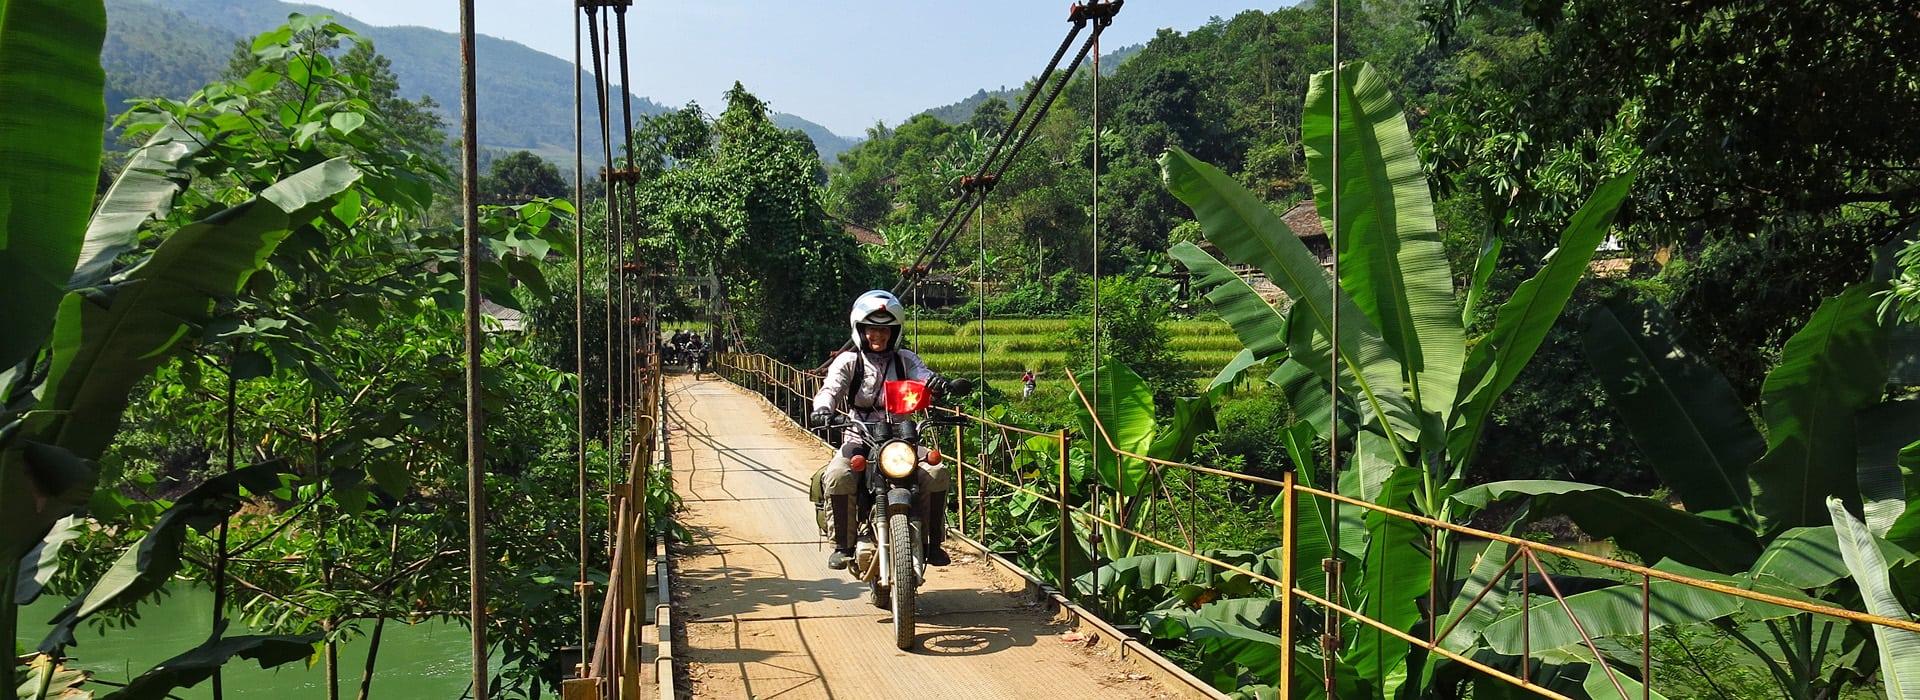 Overzicht van de motorreizen in Azie van Travel 2 Explore